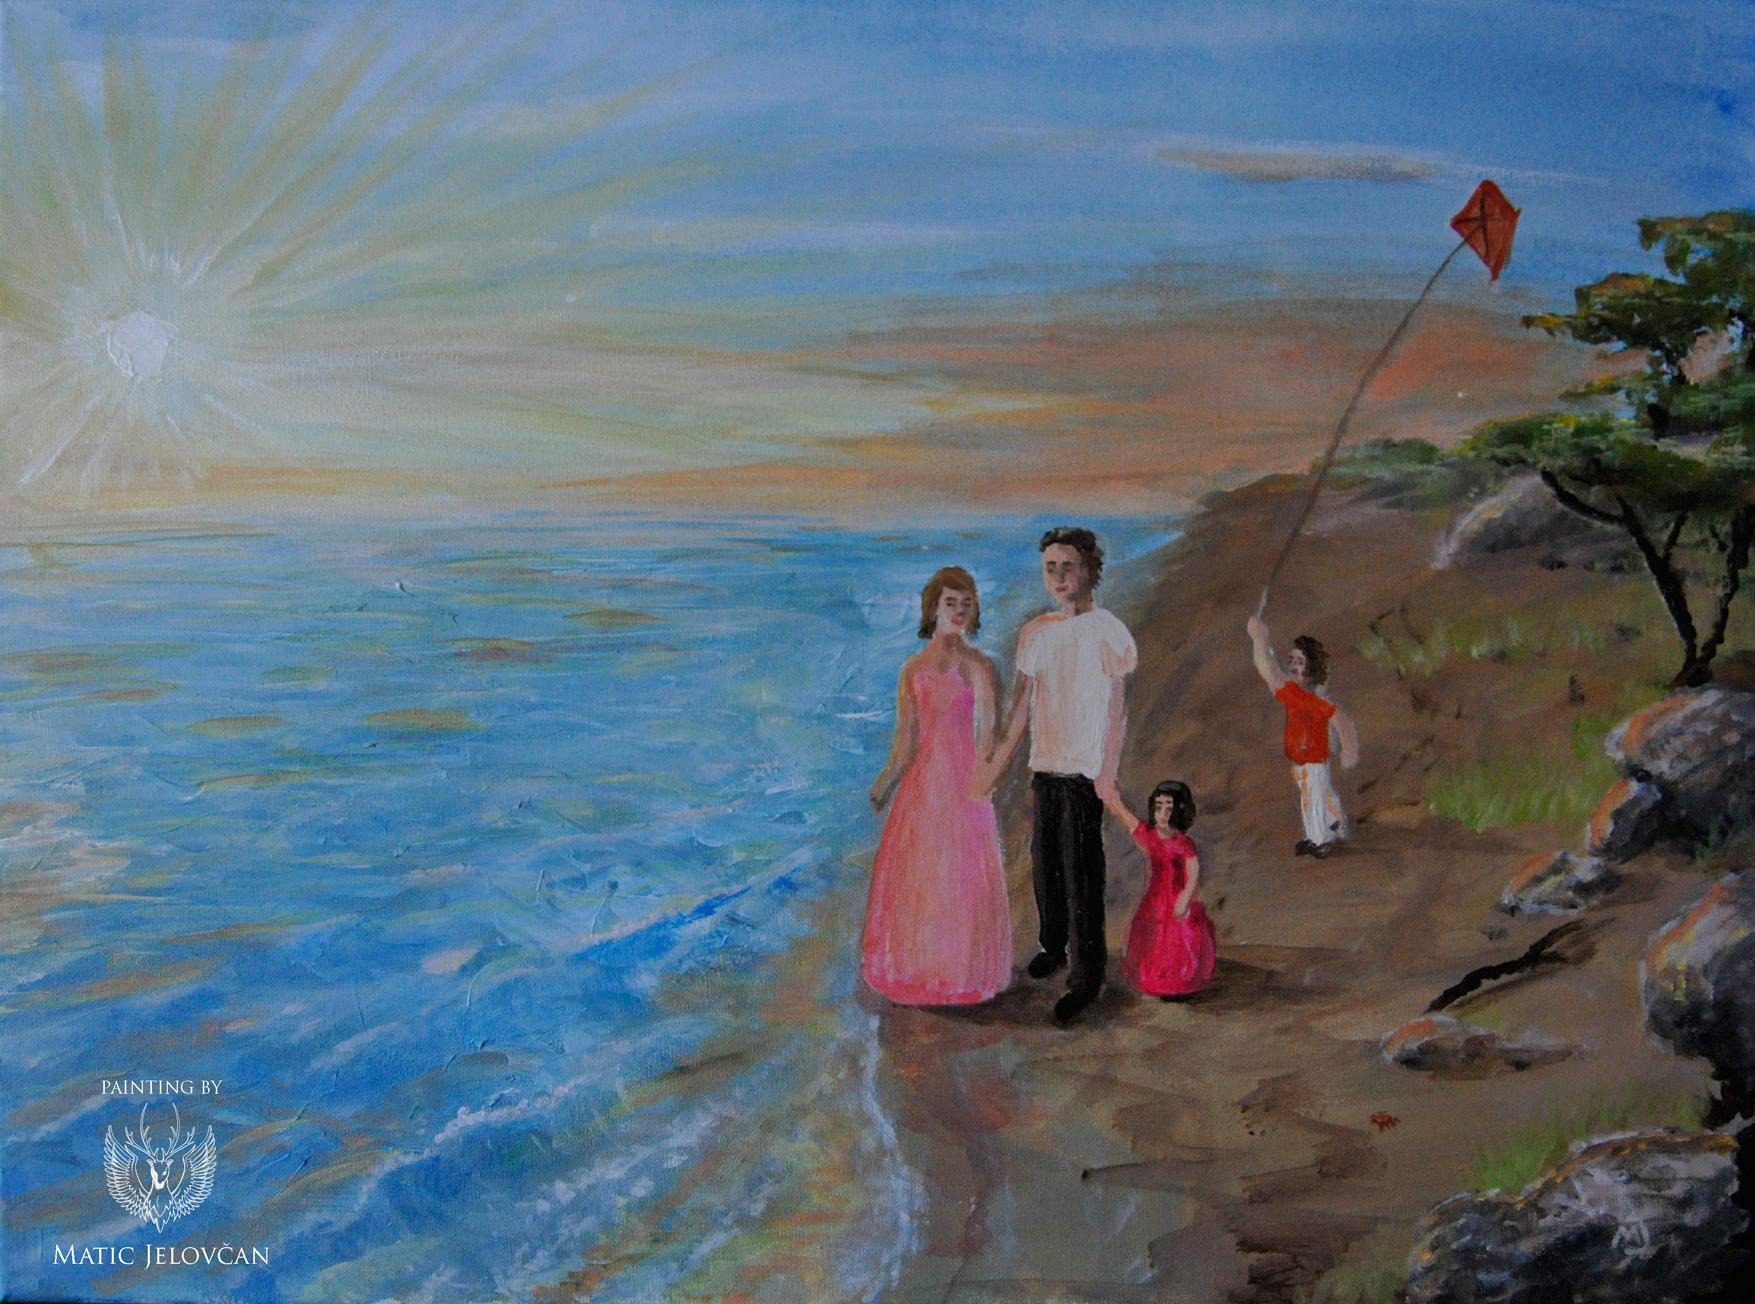 Družinsko poletje na morju...